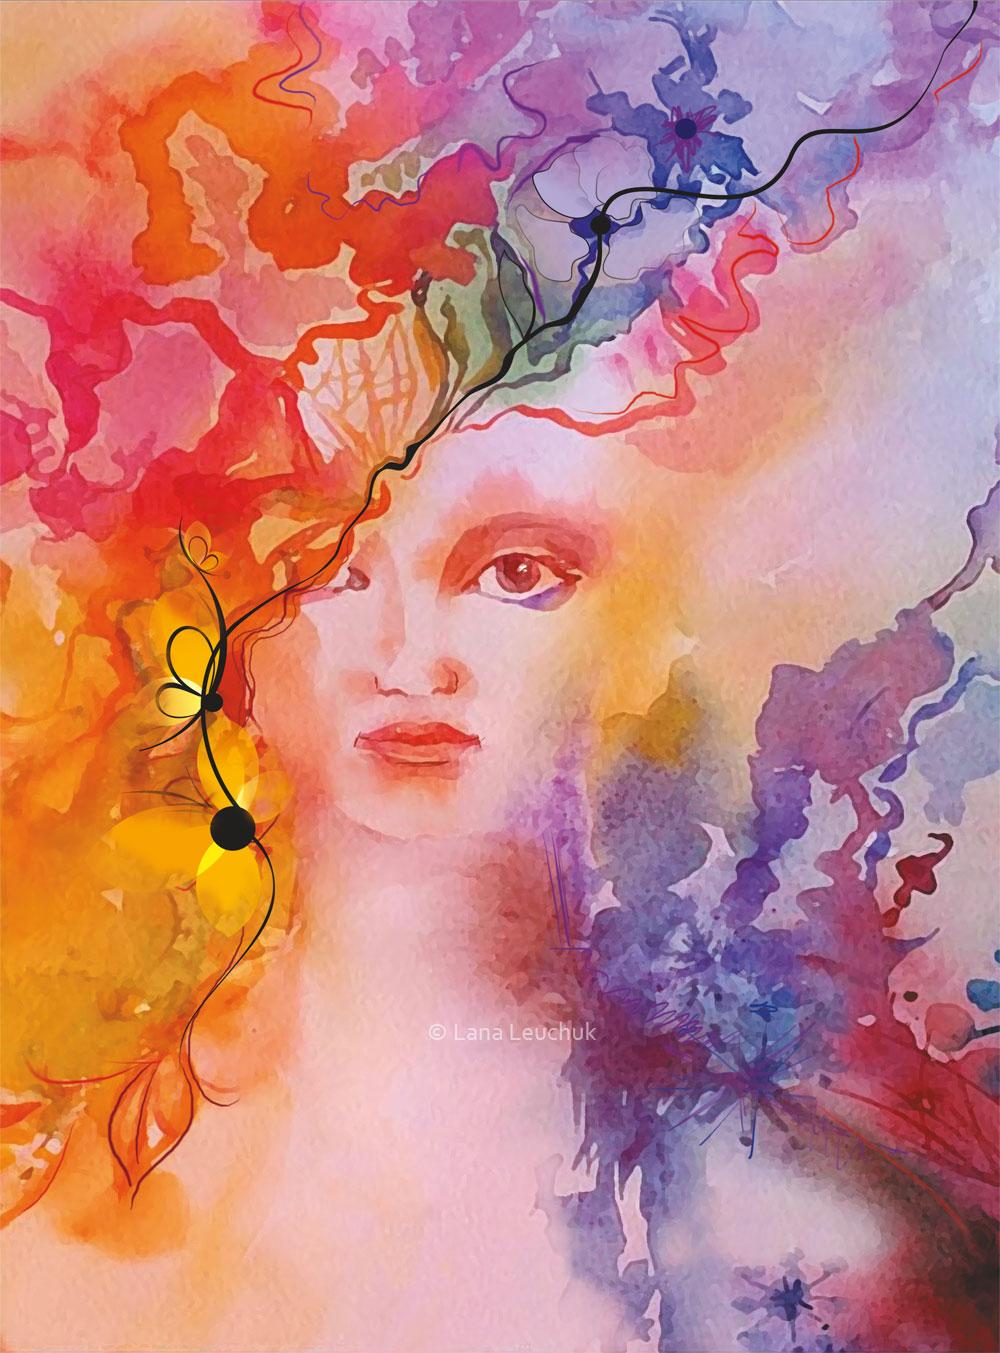 Steam-Queen-art-by-Lana-Leuchuk-Lanagraphic